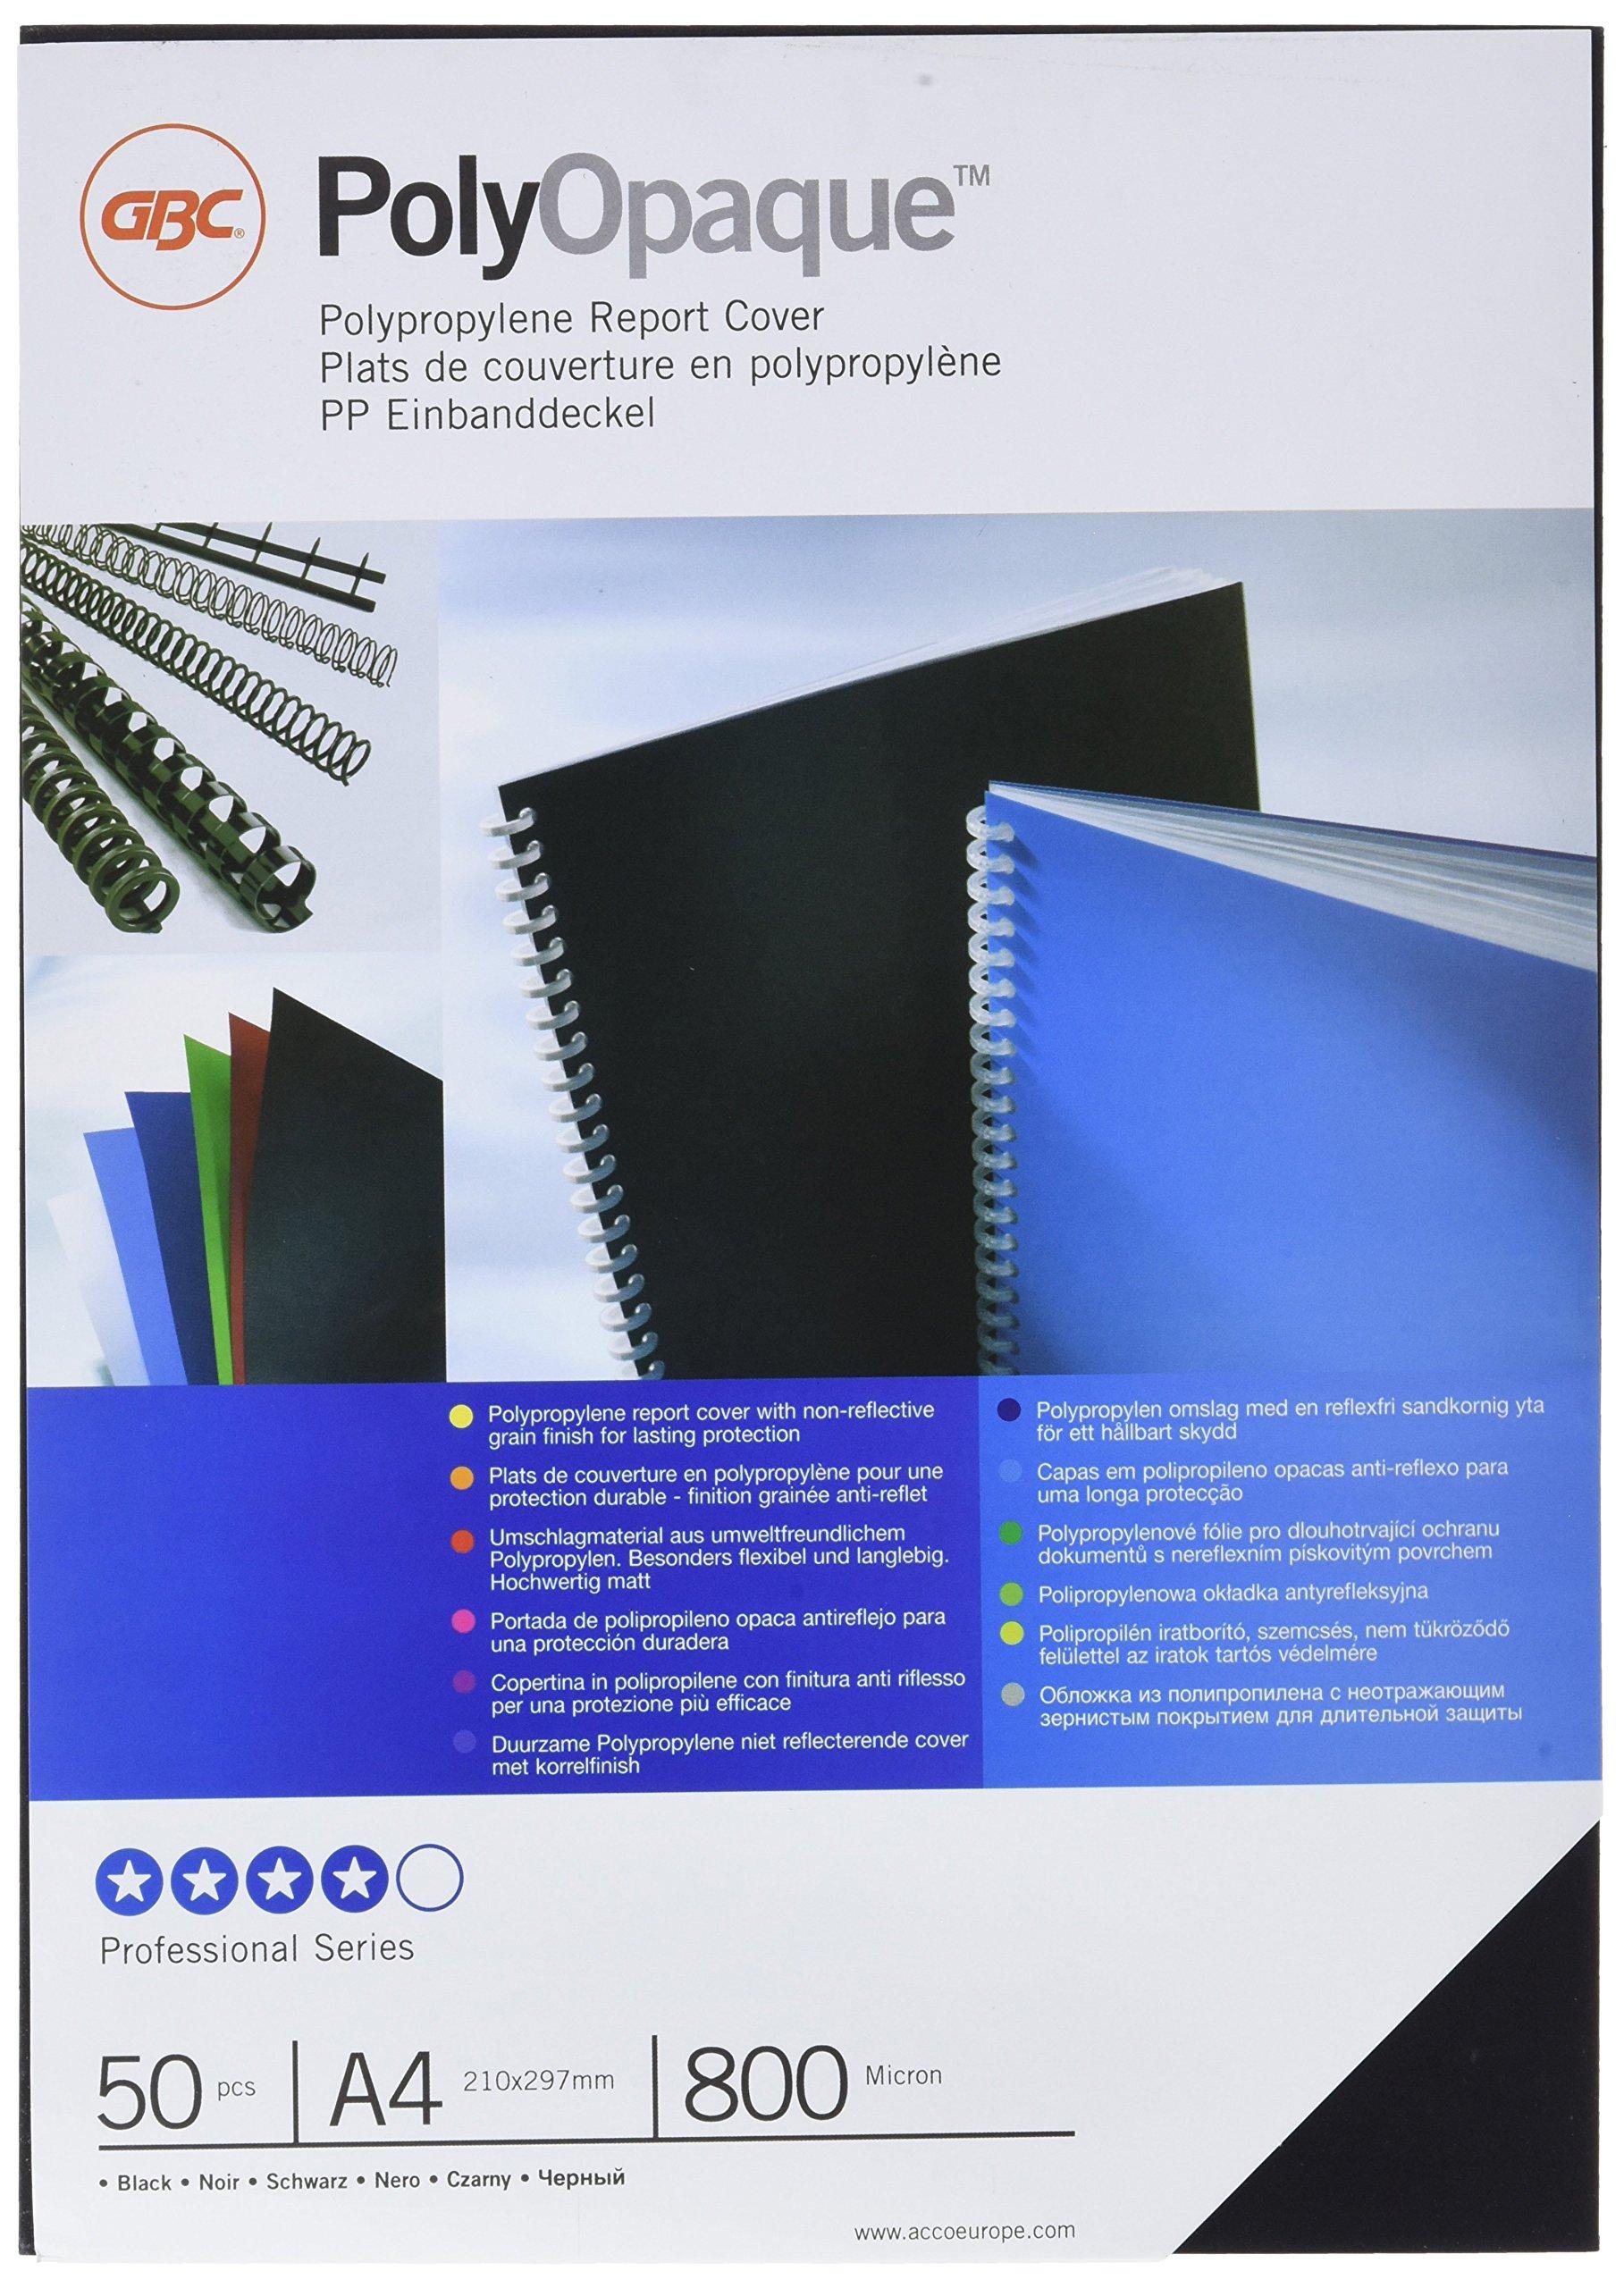 GBC ESP425804 - Portada de encuadernación PP POLYCOVER opaca 800 micras DIN A4 (Pack 50) color negro: Amazon.es: Oficina y papelería